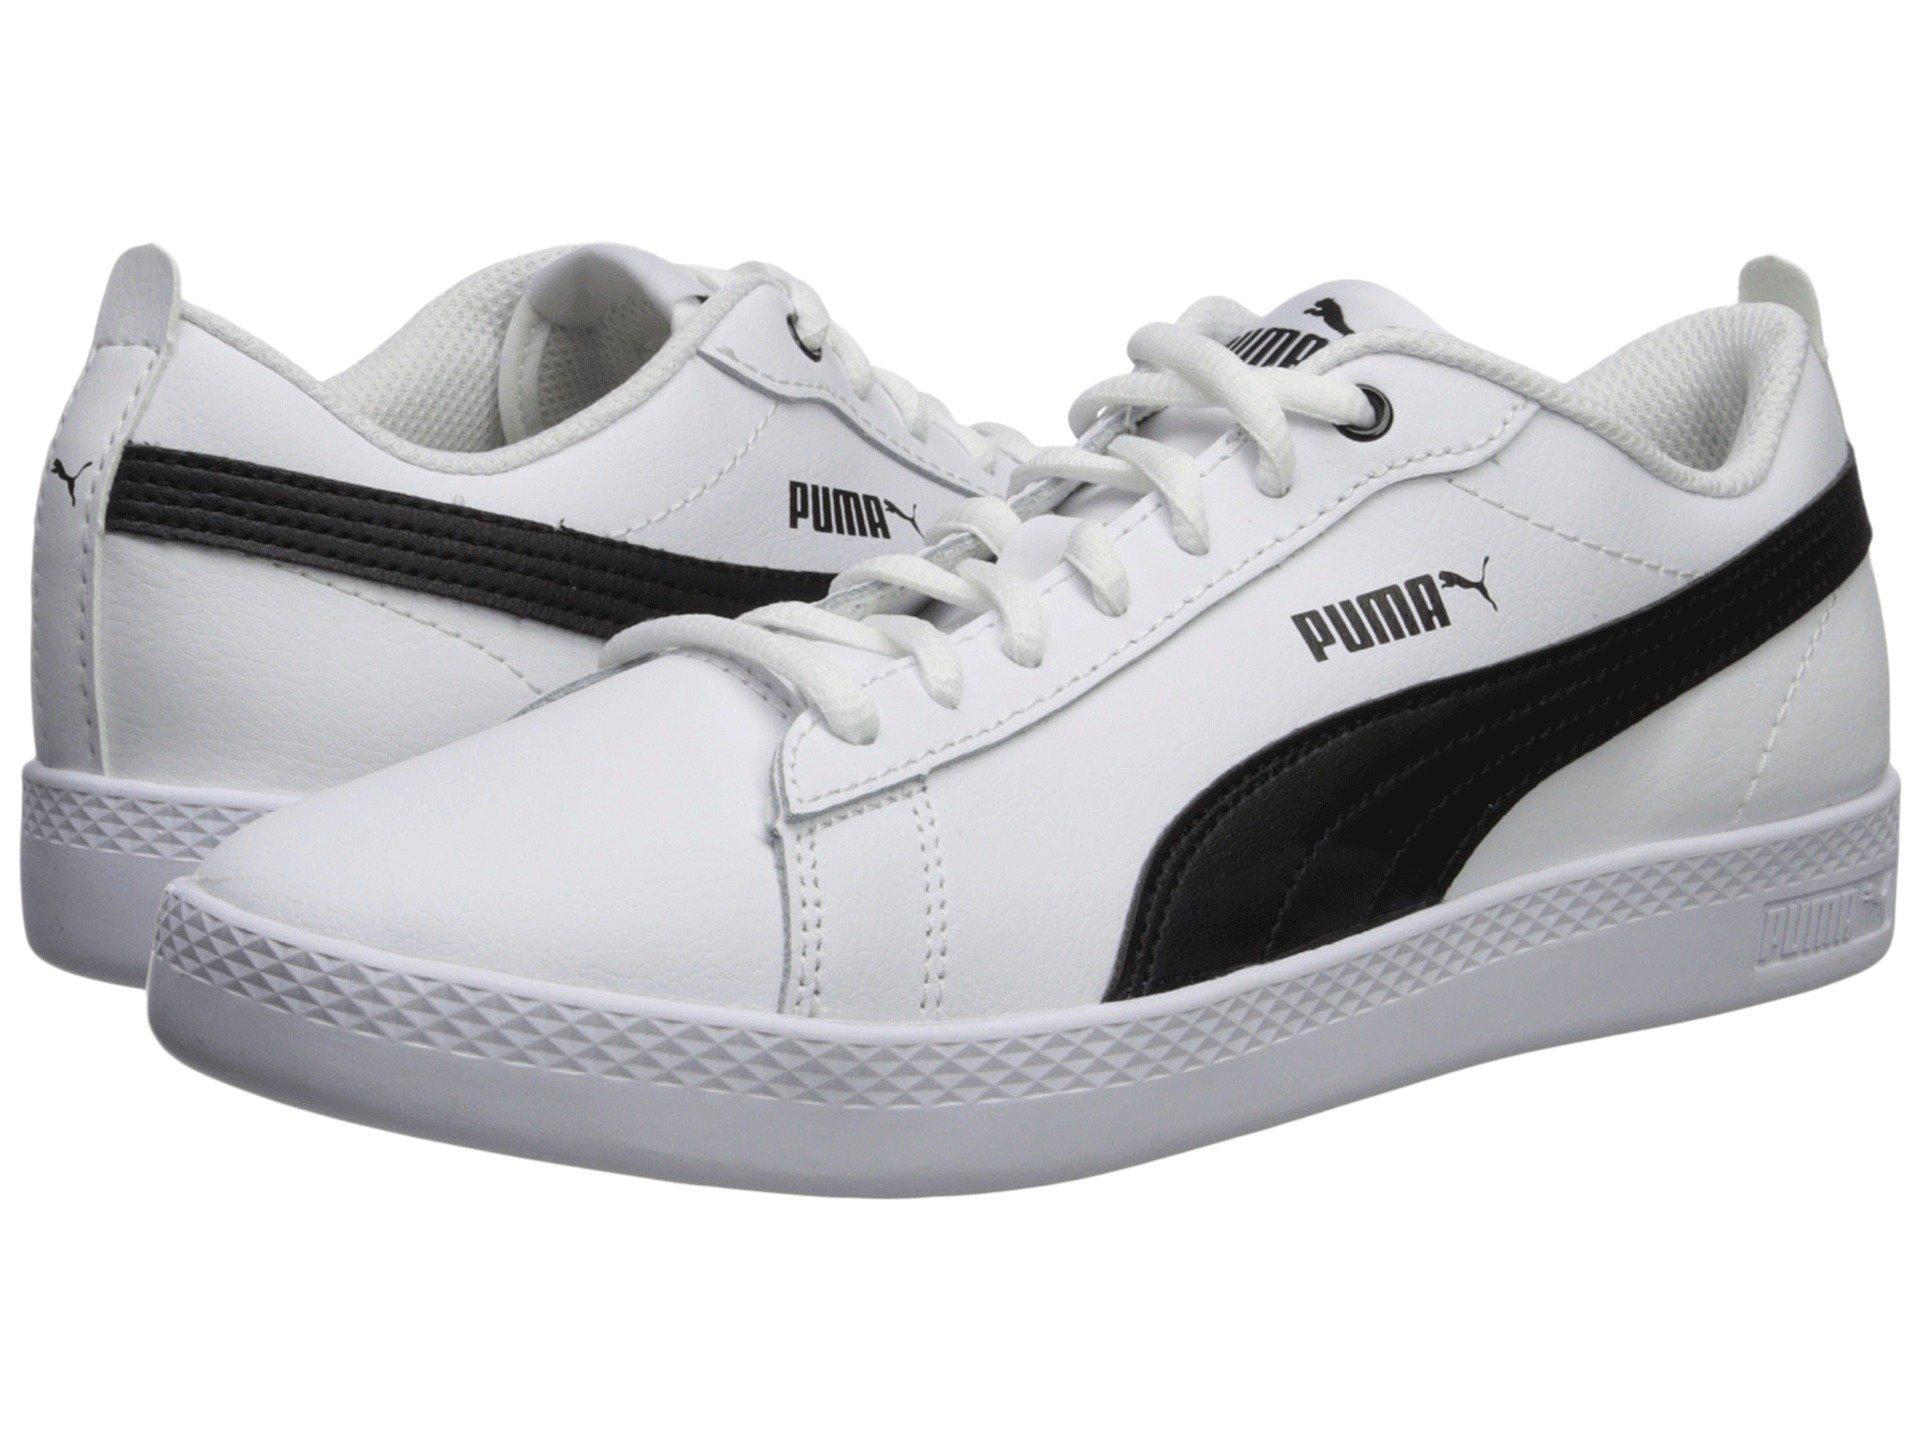 ceb6720f2d3 Lyst - Puma Smash V2 L Perf in White